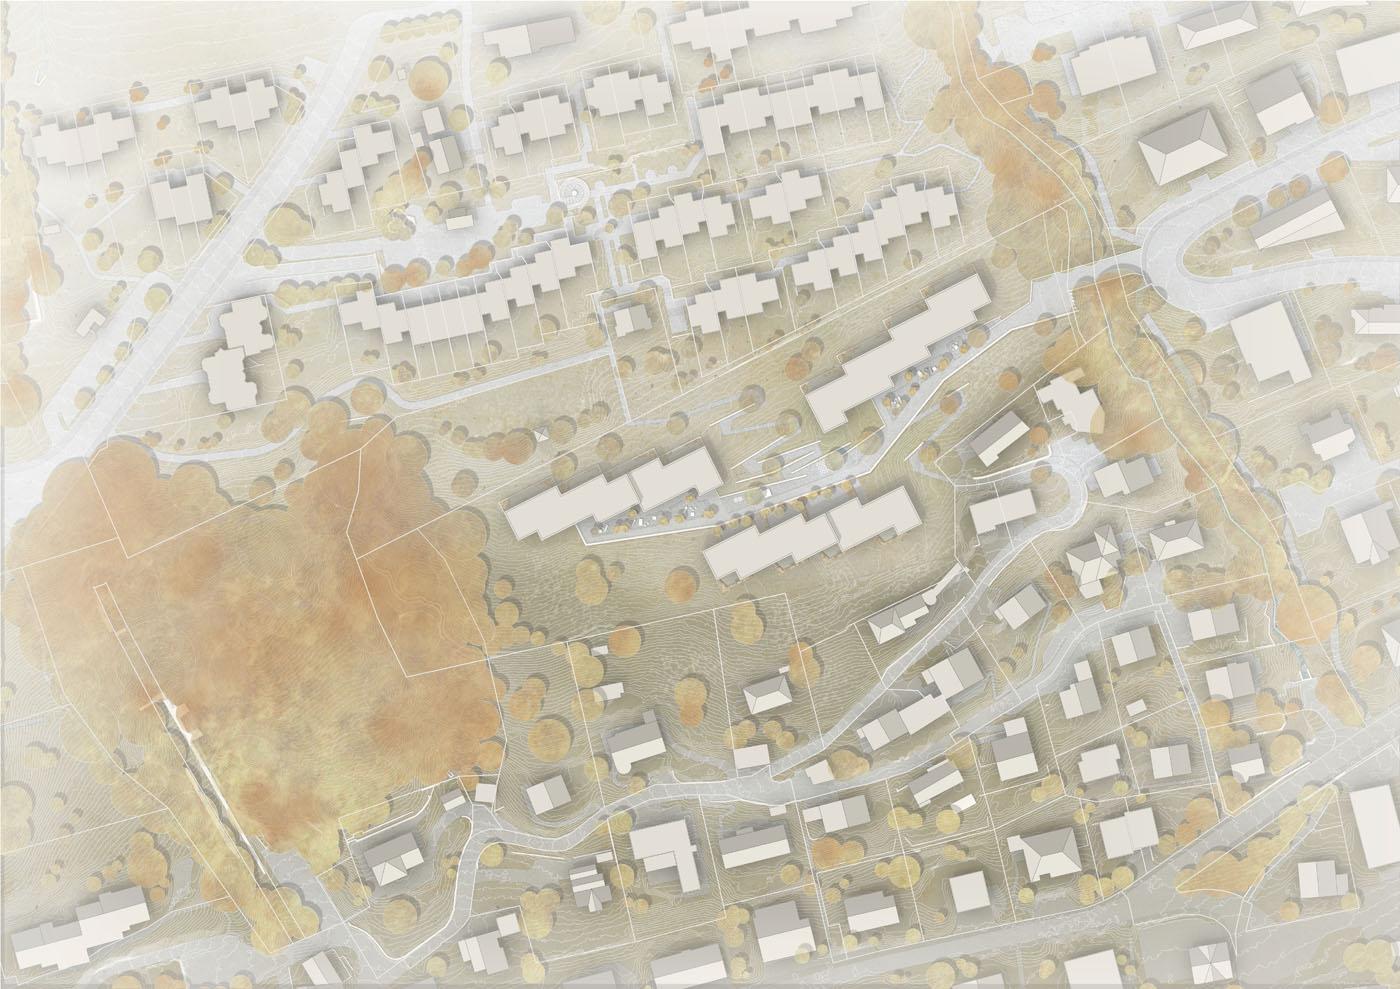 buan architekten – Projektwettbewerb Weinhalde Kriens – Situation